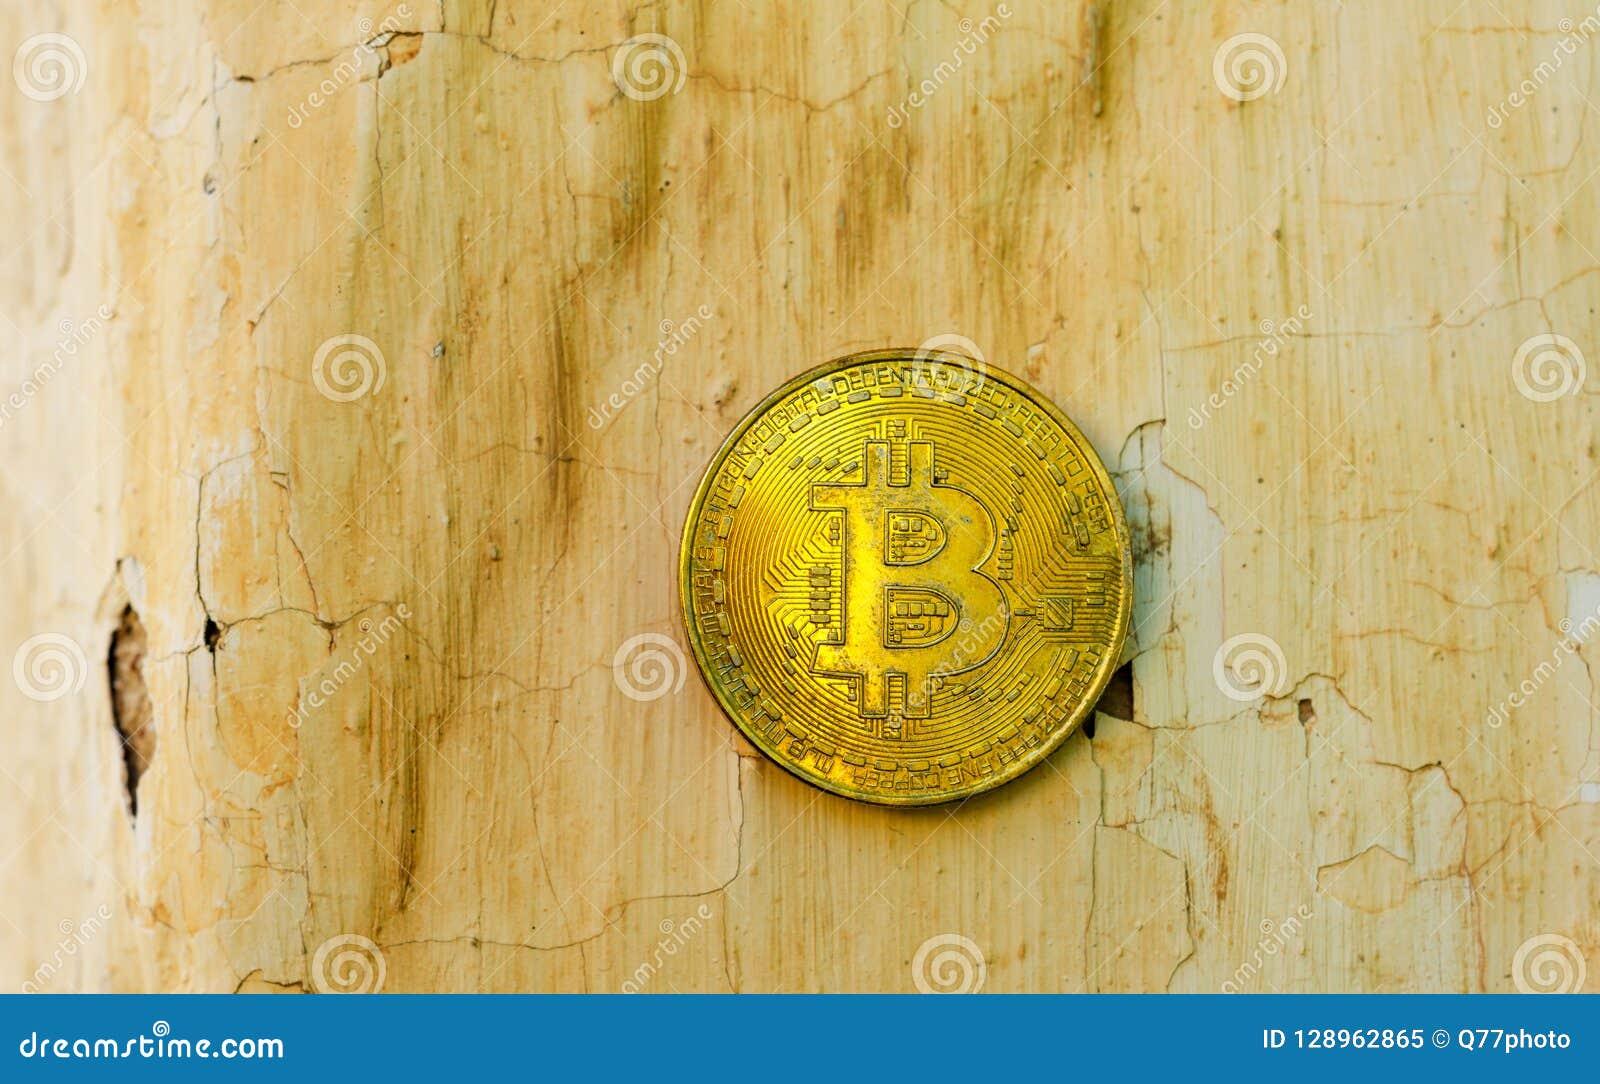 Crypto Currency Gold Bitcoin, BTC, Macro Shot Of Bitcoin Coins O